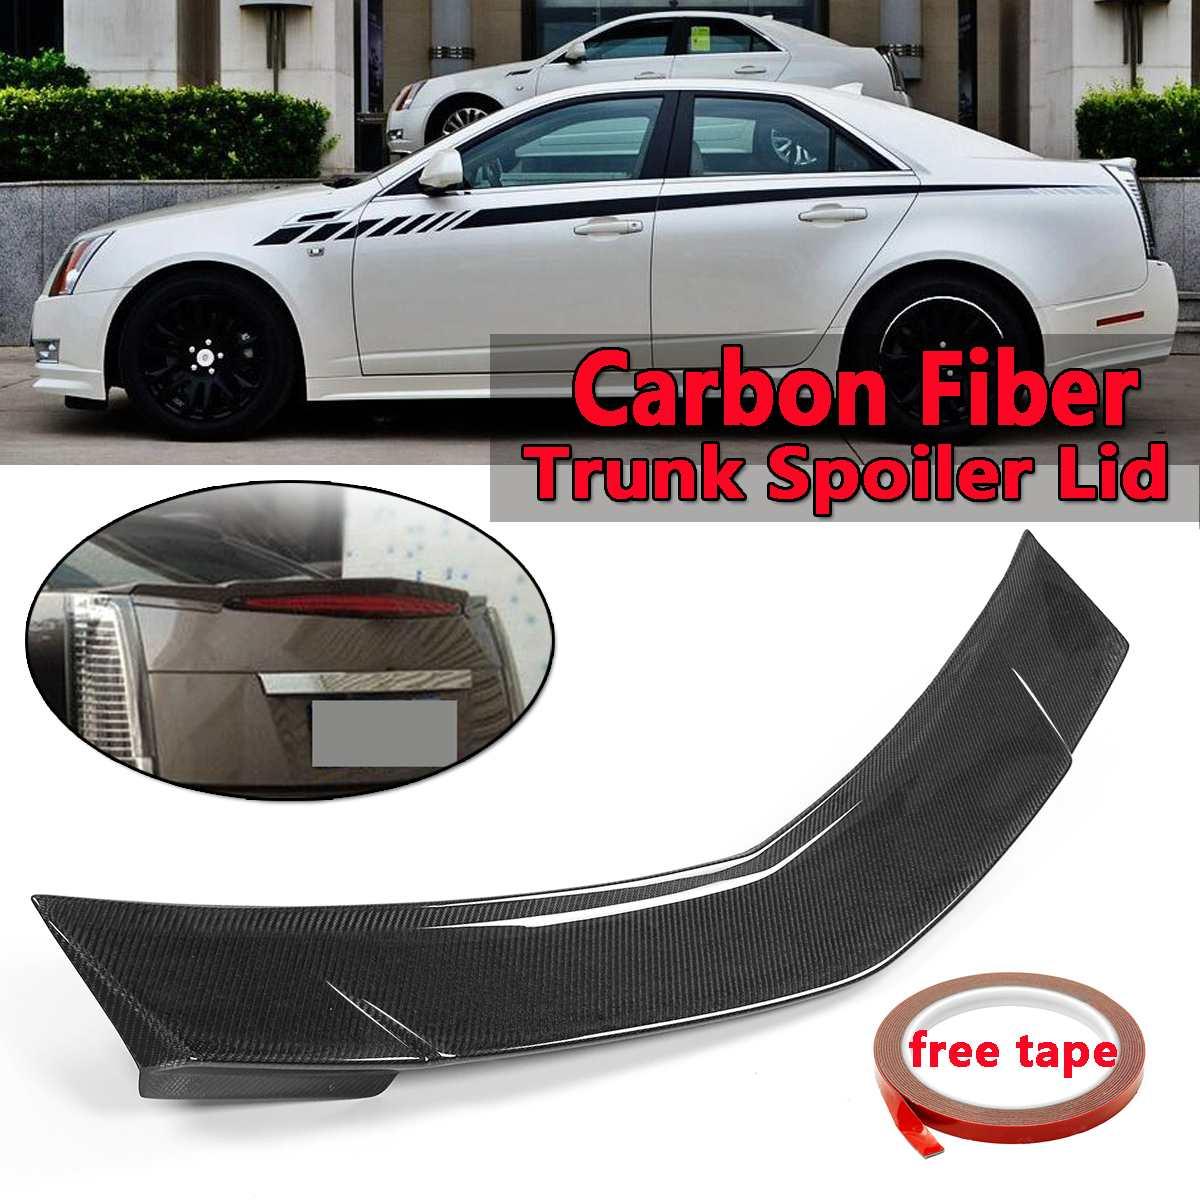 Автомобильный настоящий карбоновый задний спойлер багажника крыла для Cadillac CTS Седан 2008-2013 заднего крыла спойлер заднего багажника крыла